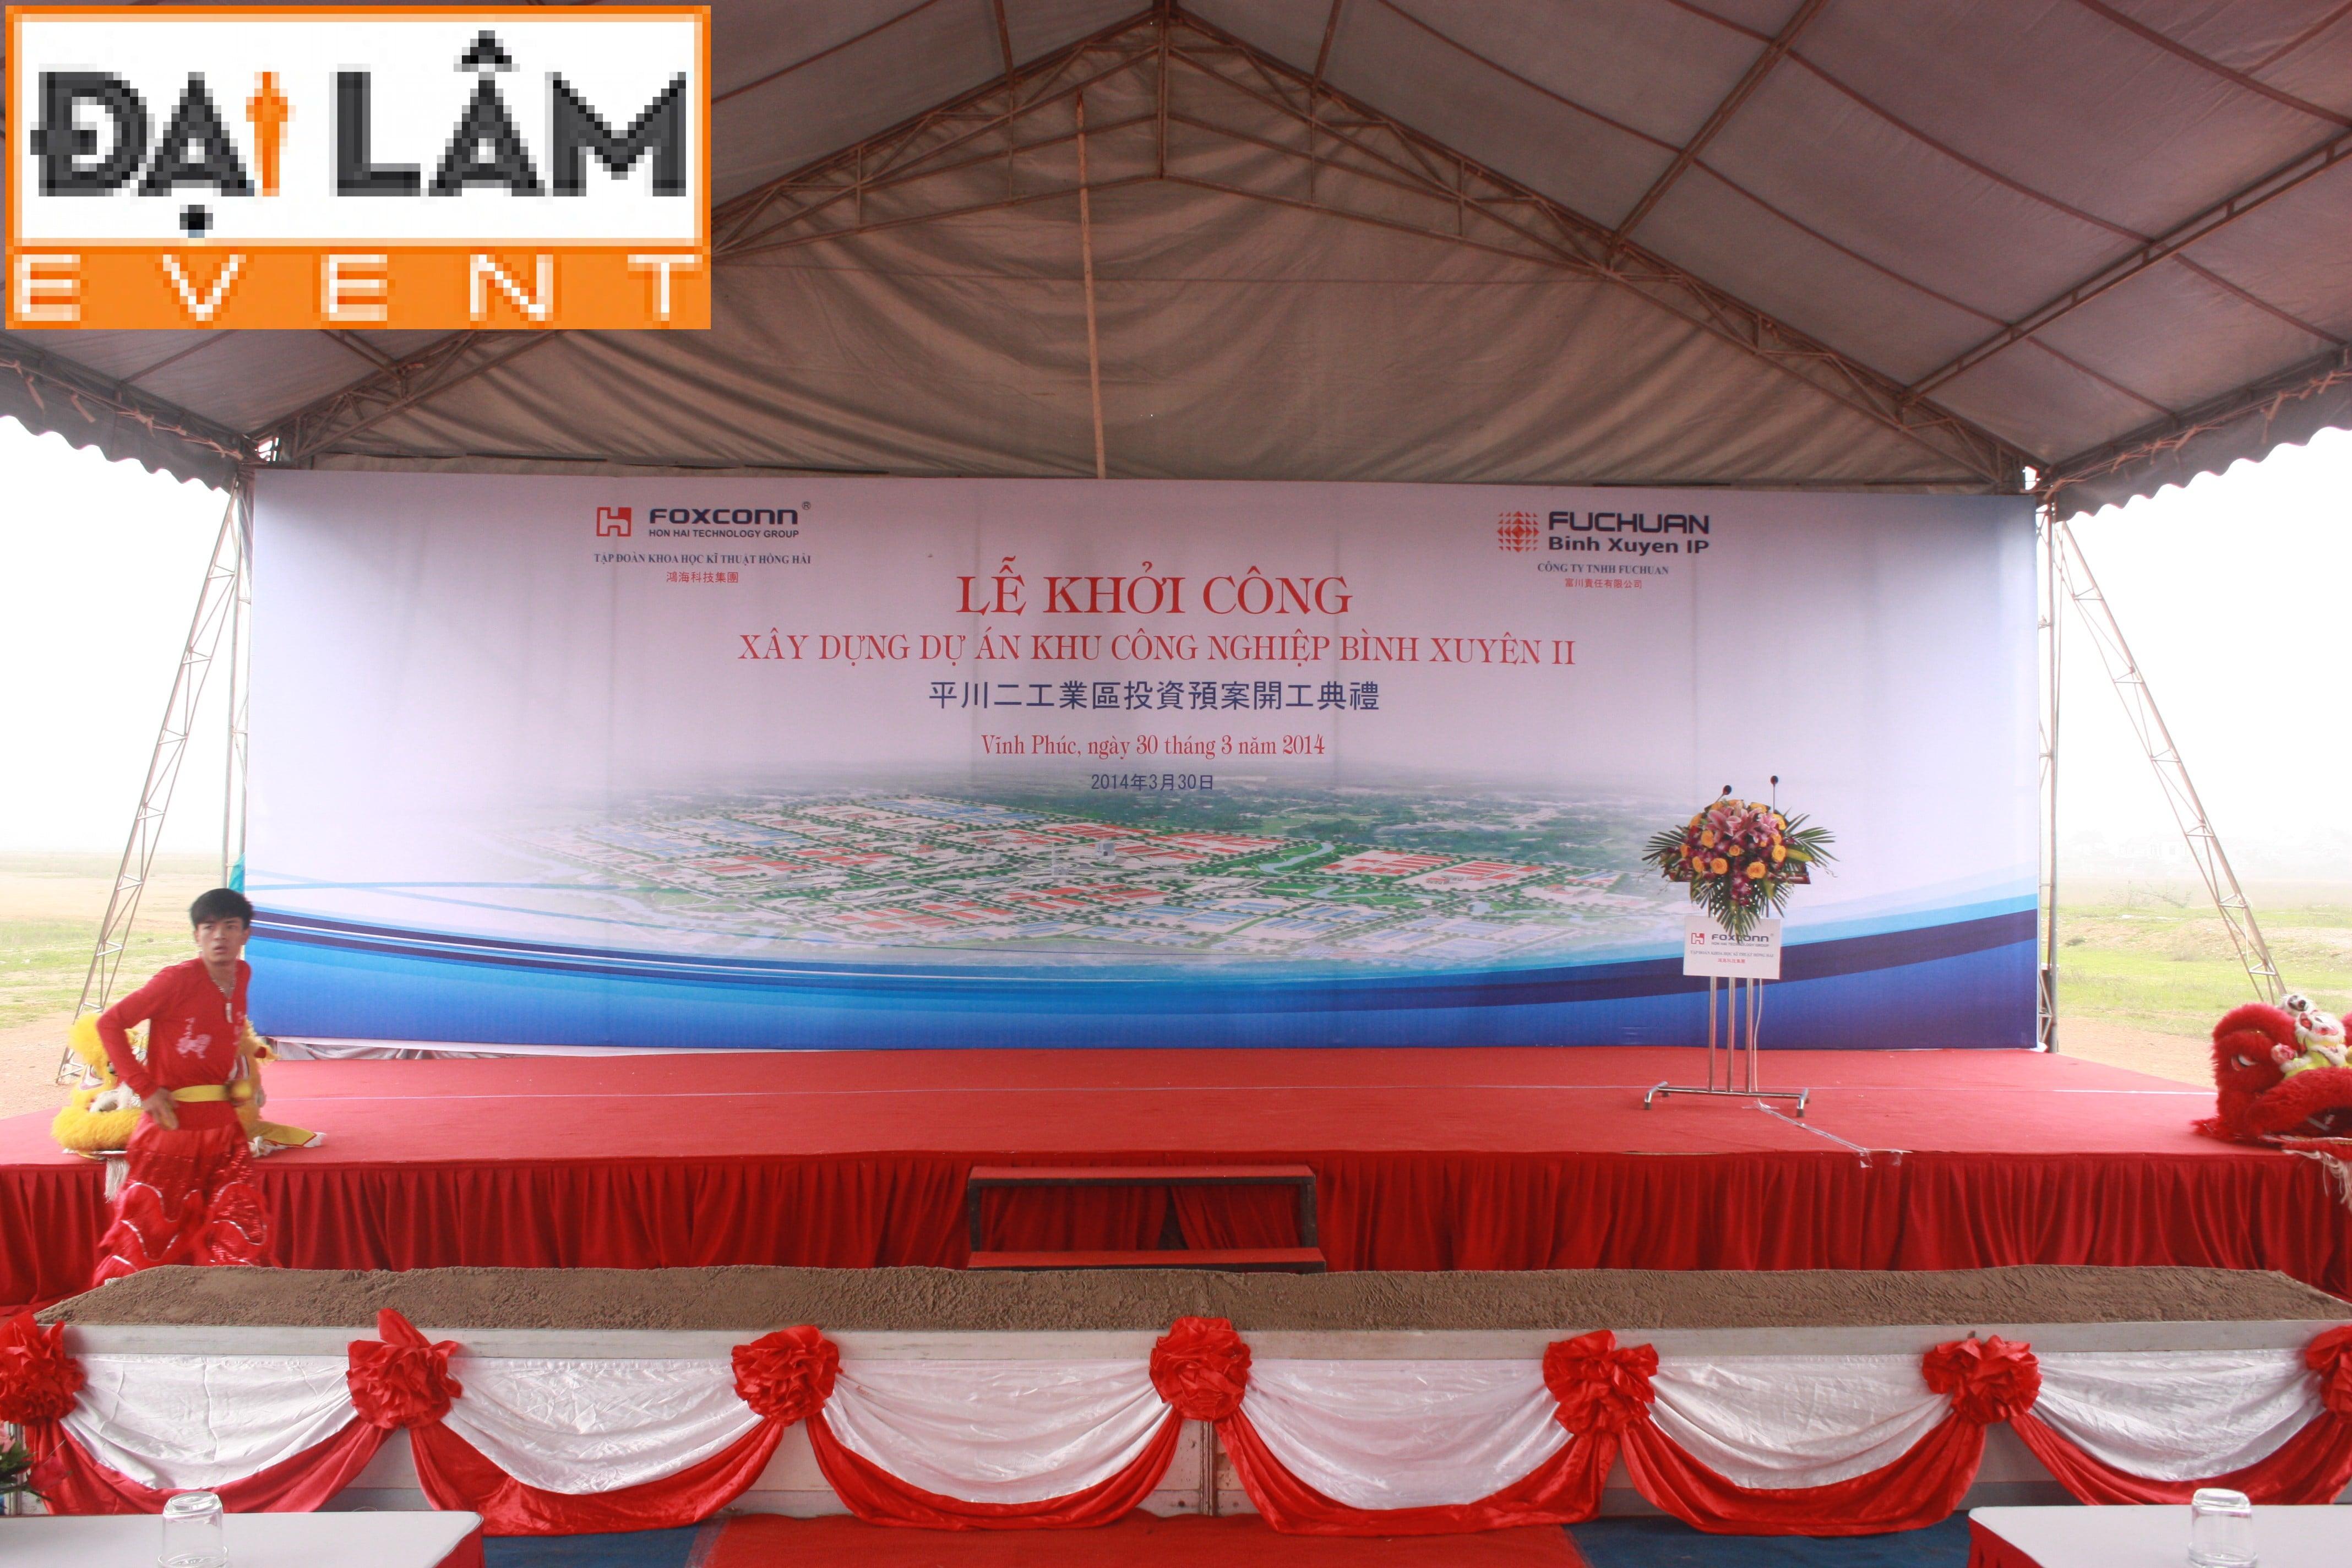 Lễ khởi công công trình Le-khoi-cong-kcn-binh-xuyen-ii-2